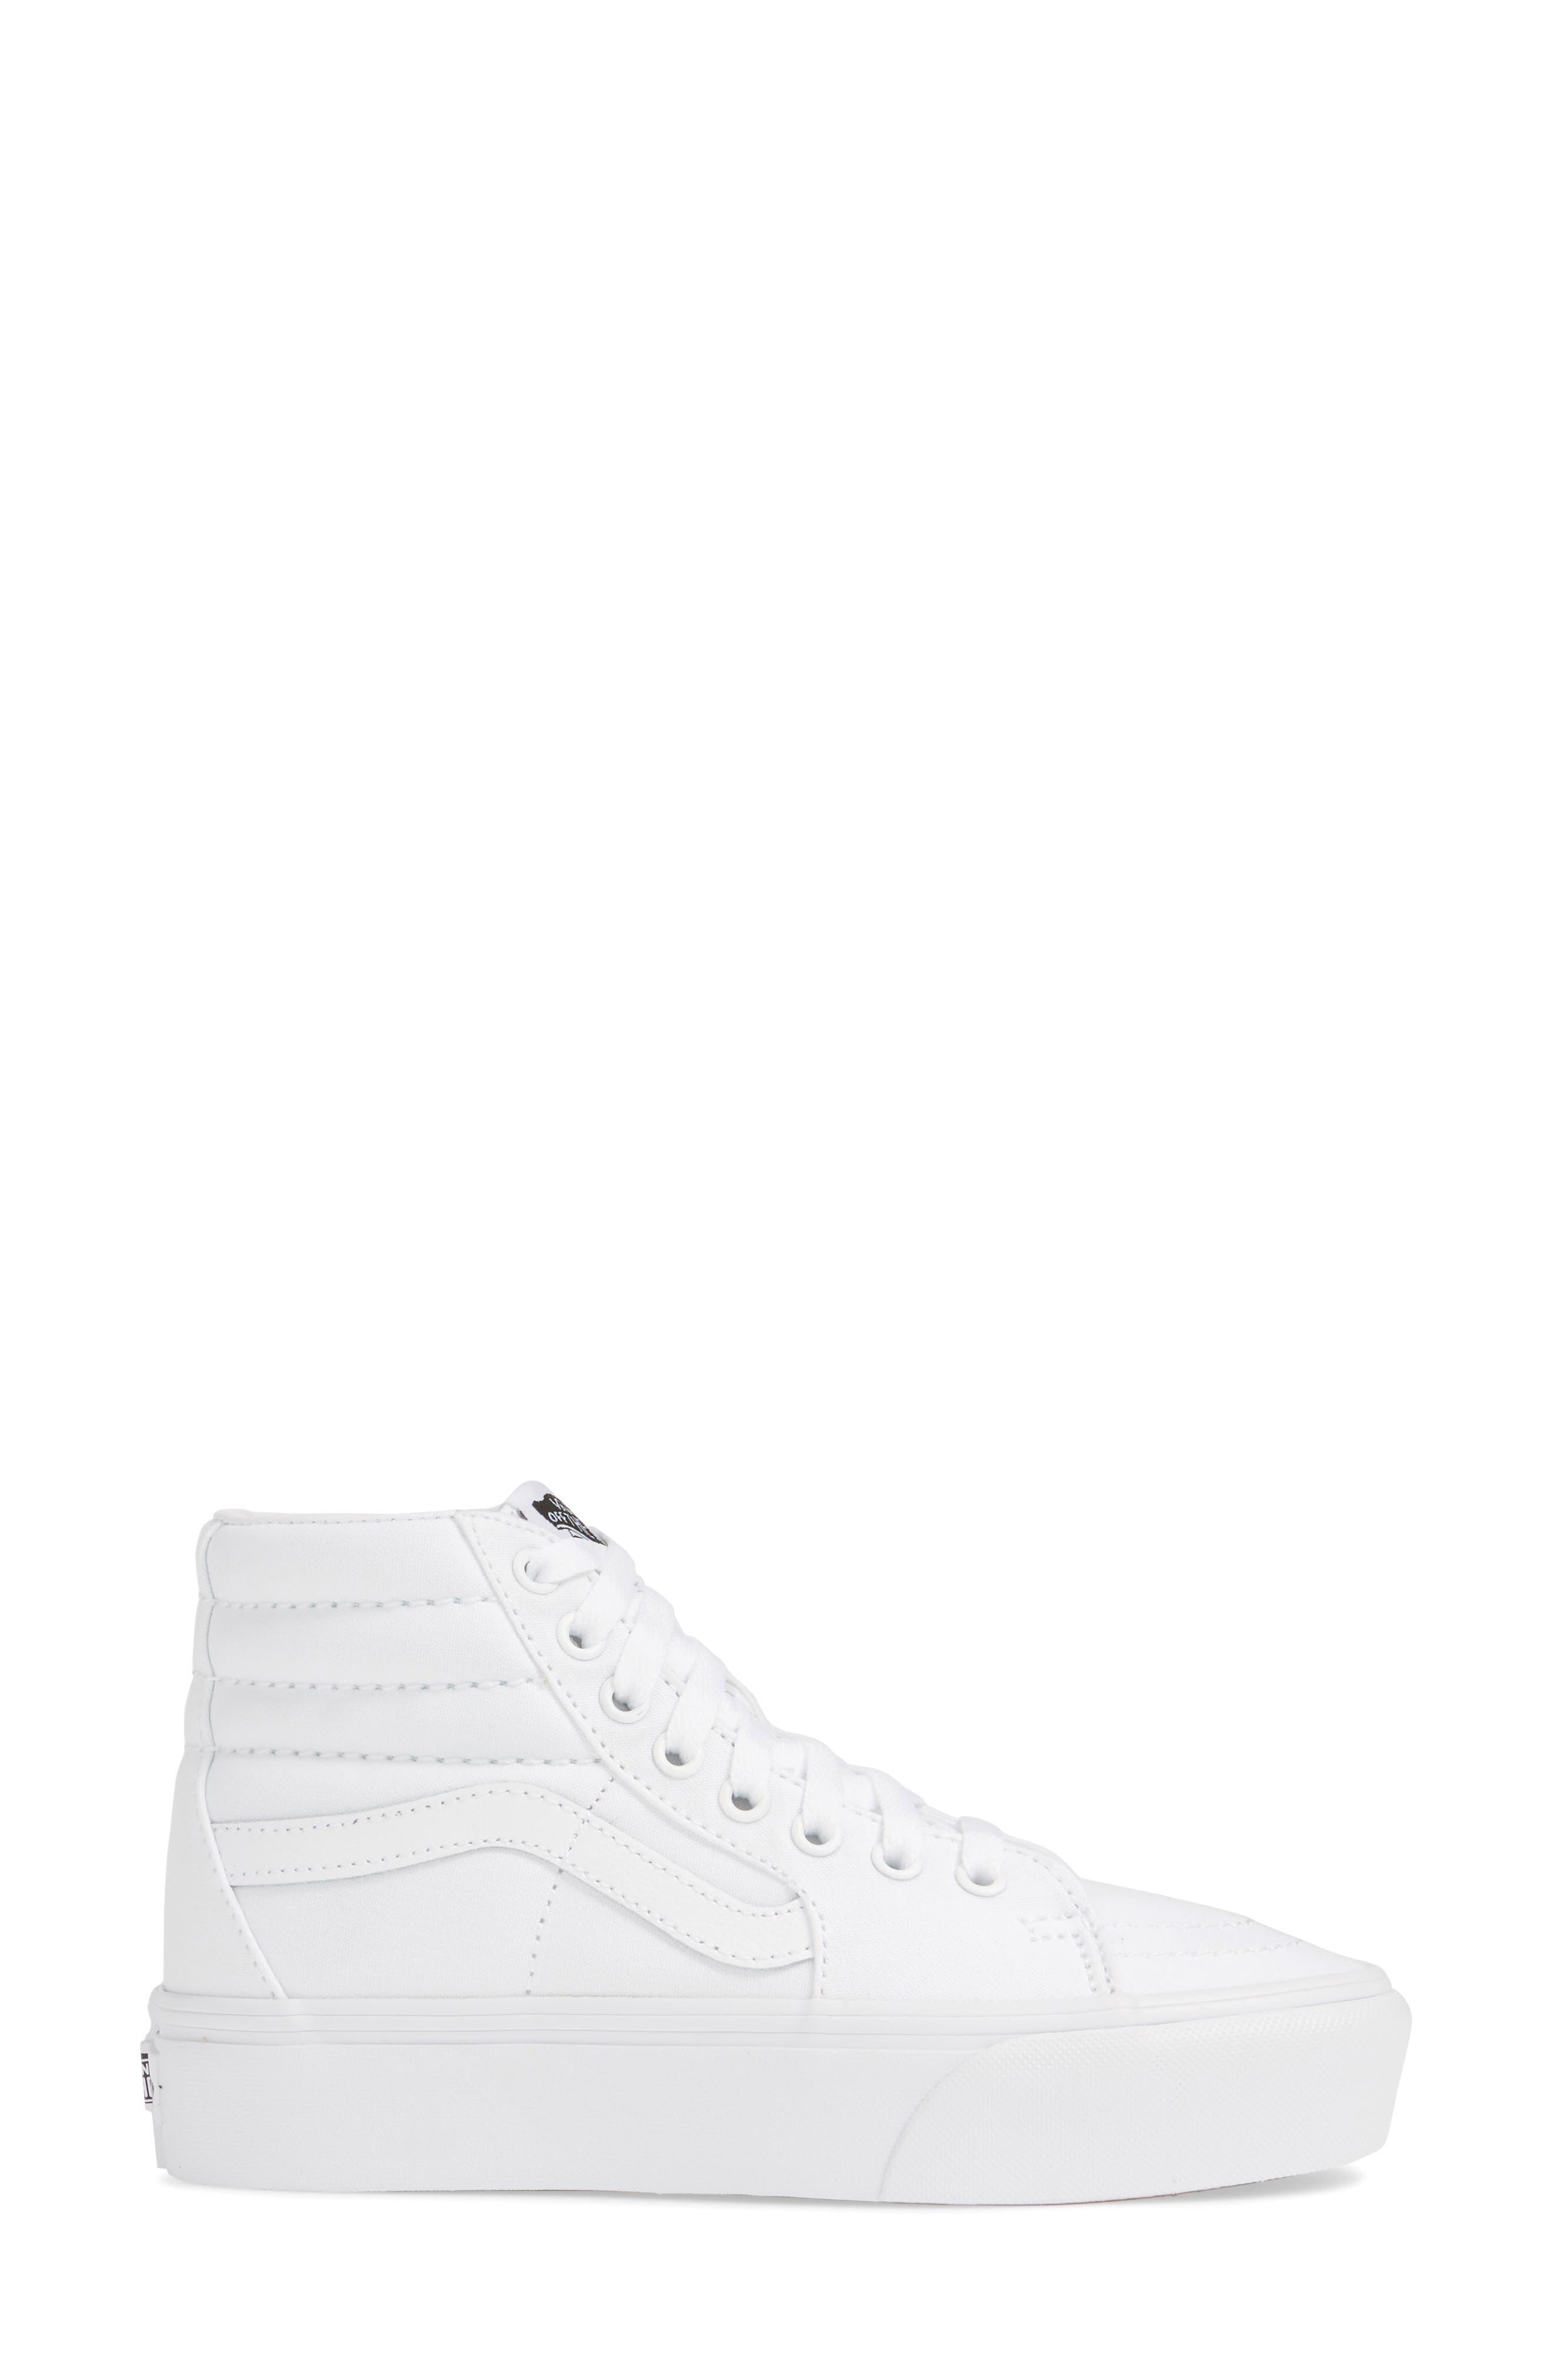 VANS, Sk8-Hi Platform Sneaker, Alternate thumbnail 3, color, TRUE WHITE/ TRUE WHITE